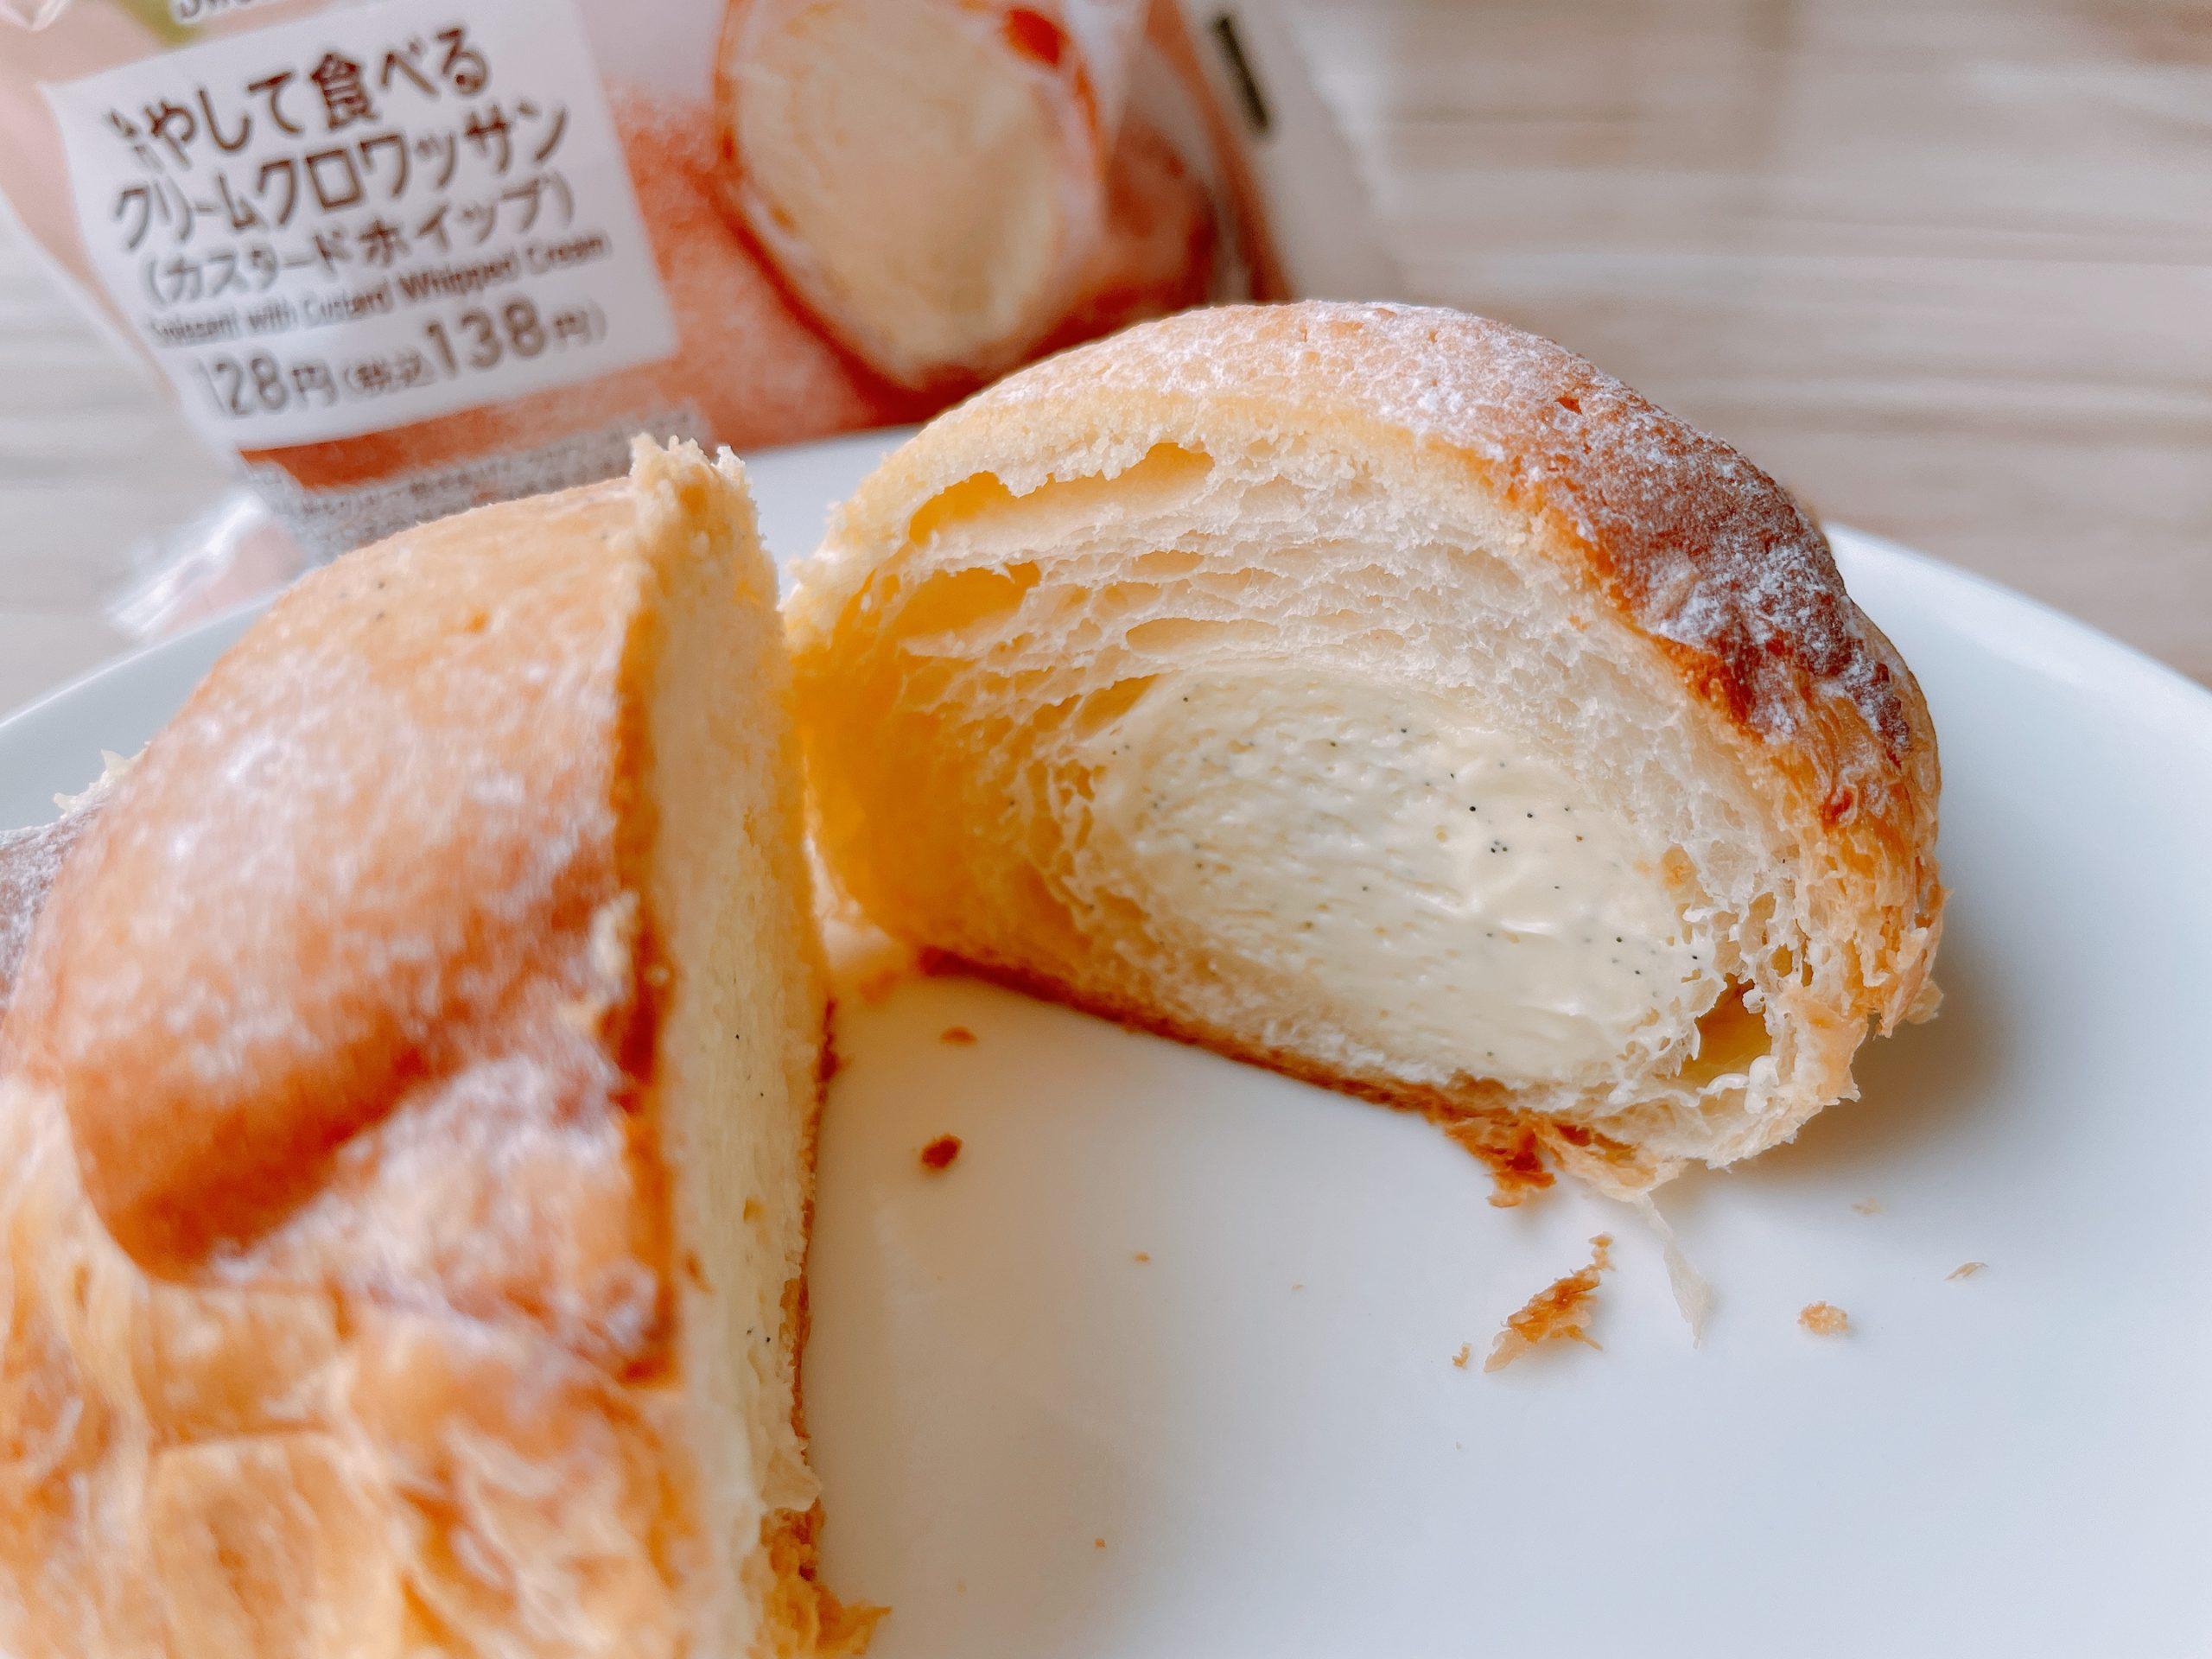 冷やして食べるクリームクロワッサン(カスタードホイップ)のクリームは口どけが素晴らしい